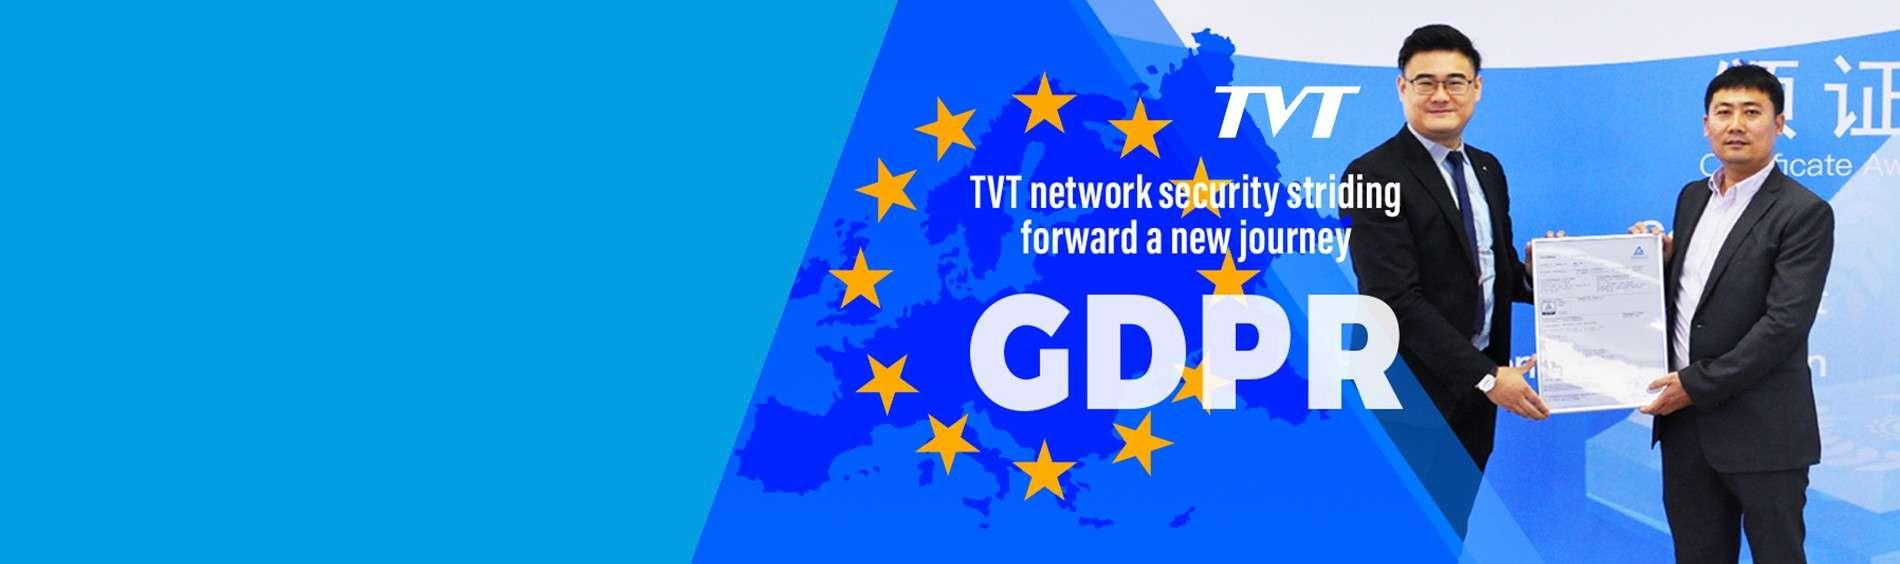 TVT : Een belangrijke vooruitgang in de beveiliging (GDPR)